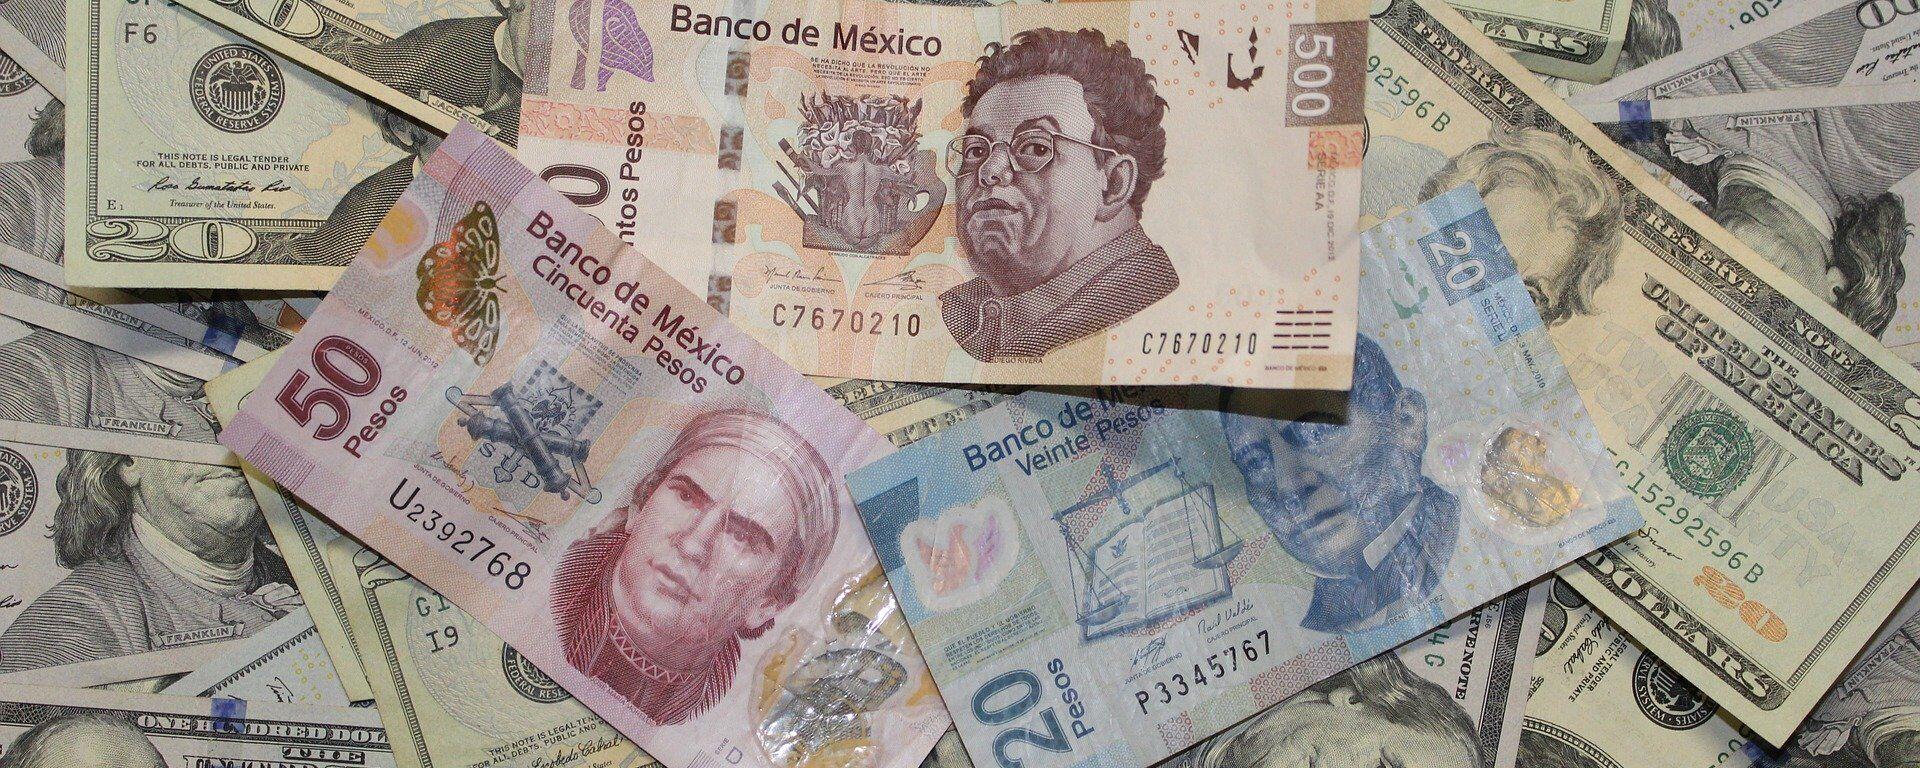 Pesos mexicanos y dólares estadounidenses - Sputnik Mundo, 1920, 06.08.2021